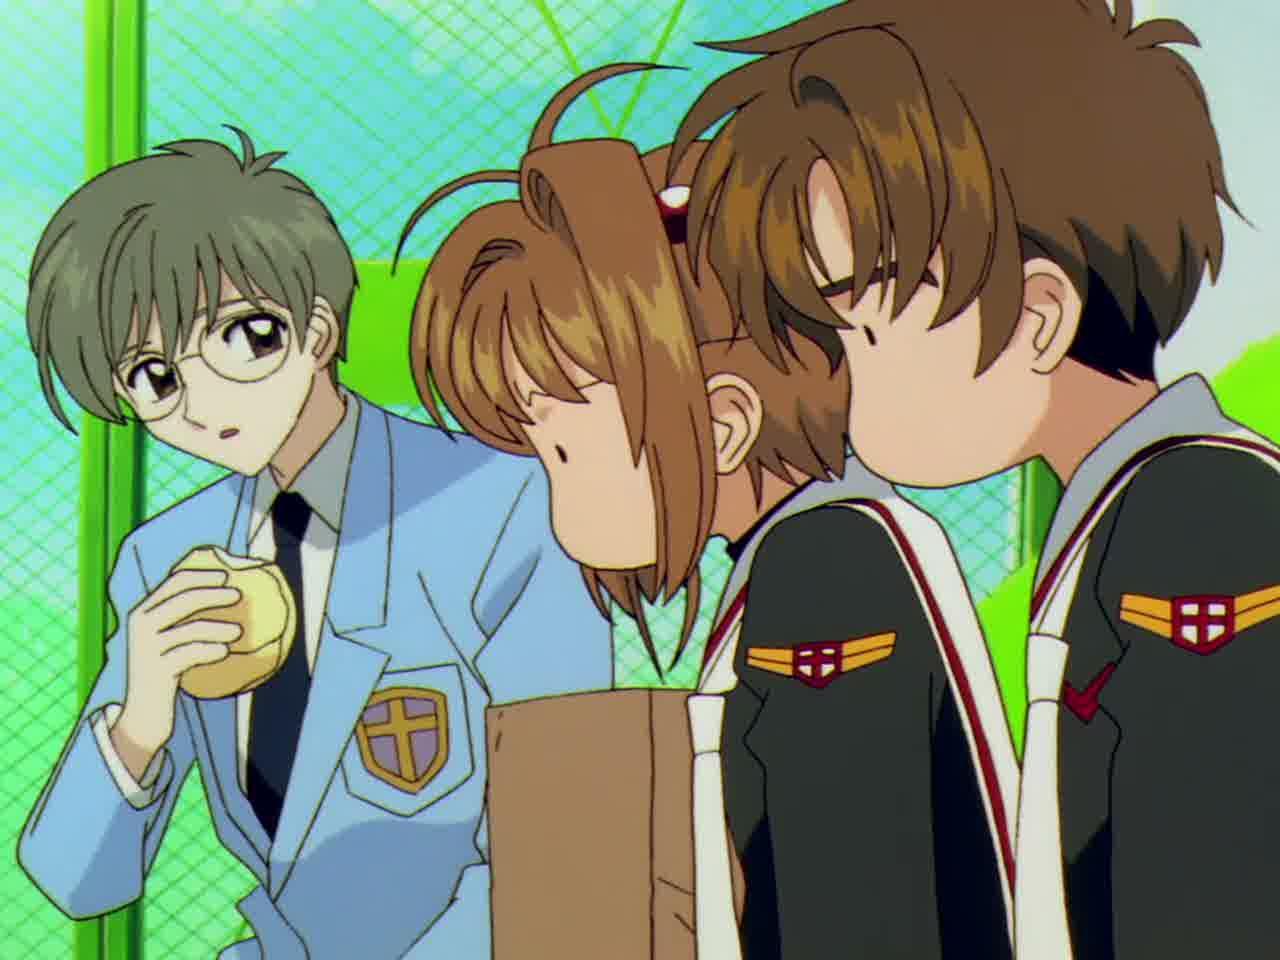 cardcaptor sakura sakura and syaoran kiss wwwpixshark